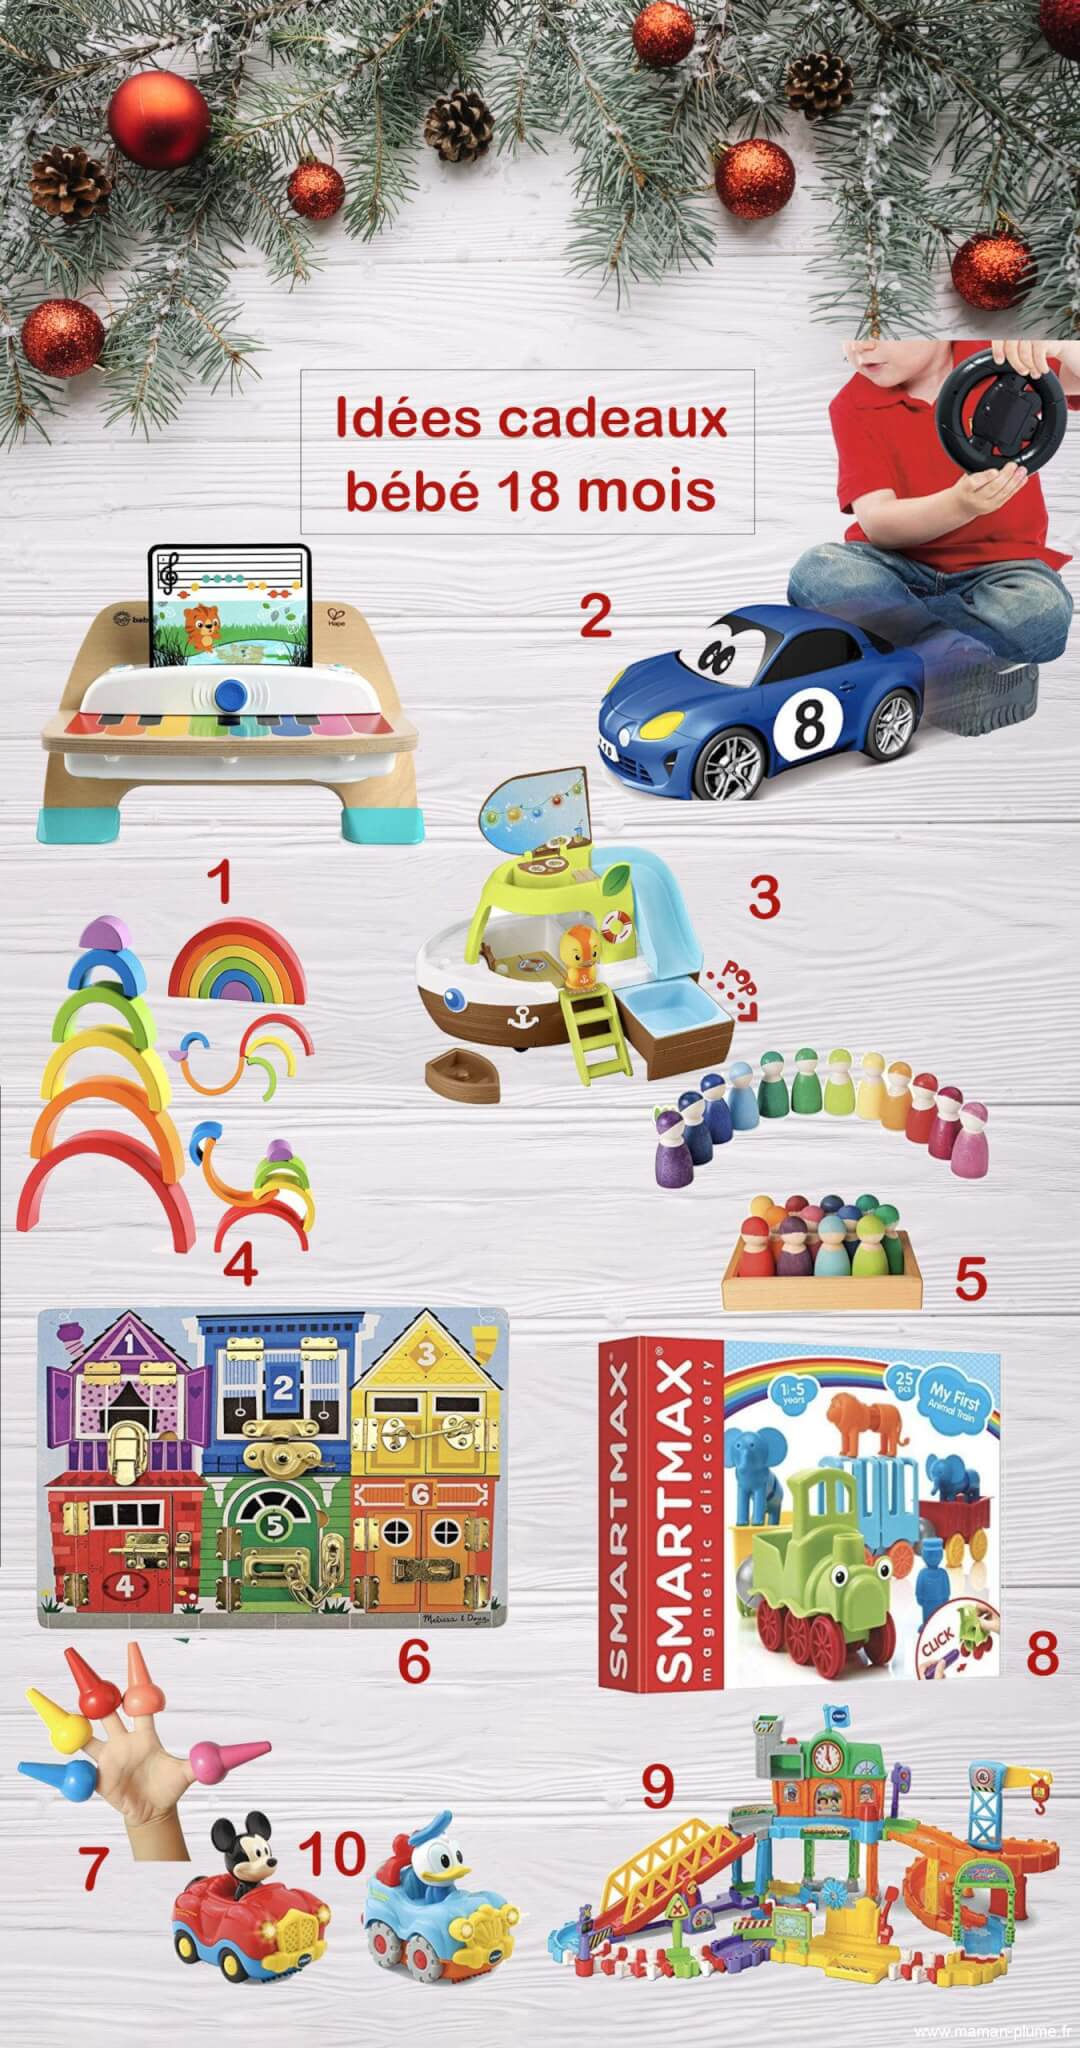 Idées cadeaux pour Bébé Plume, 18 mois